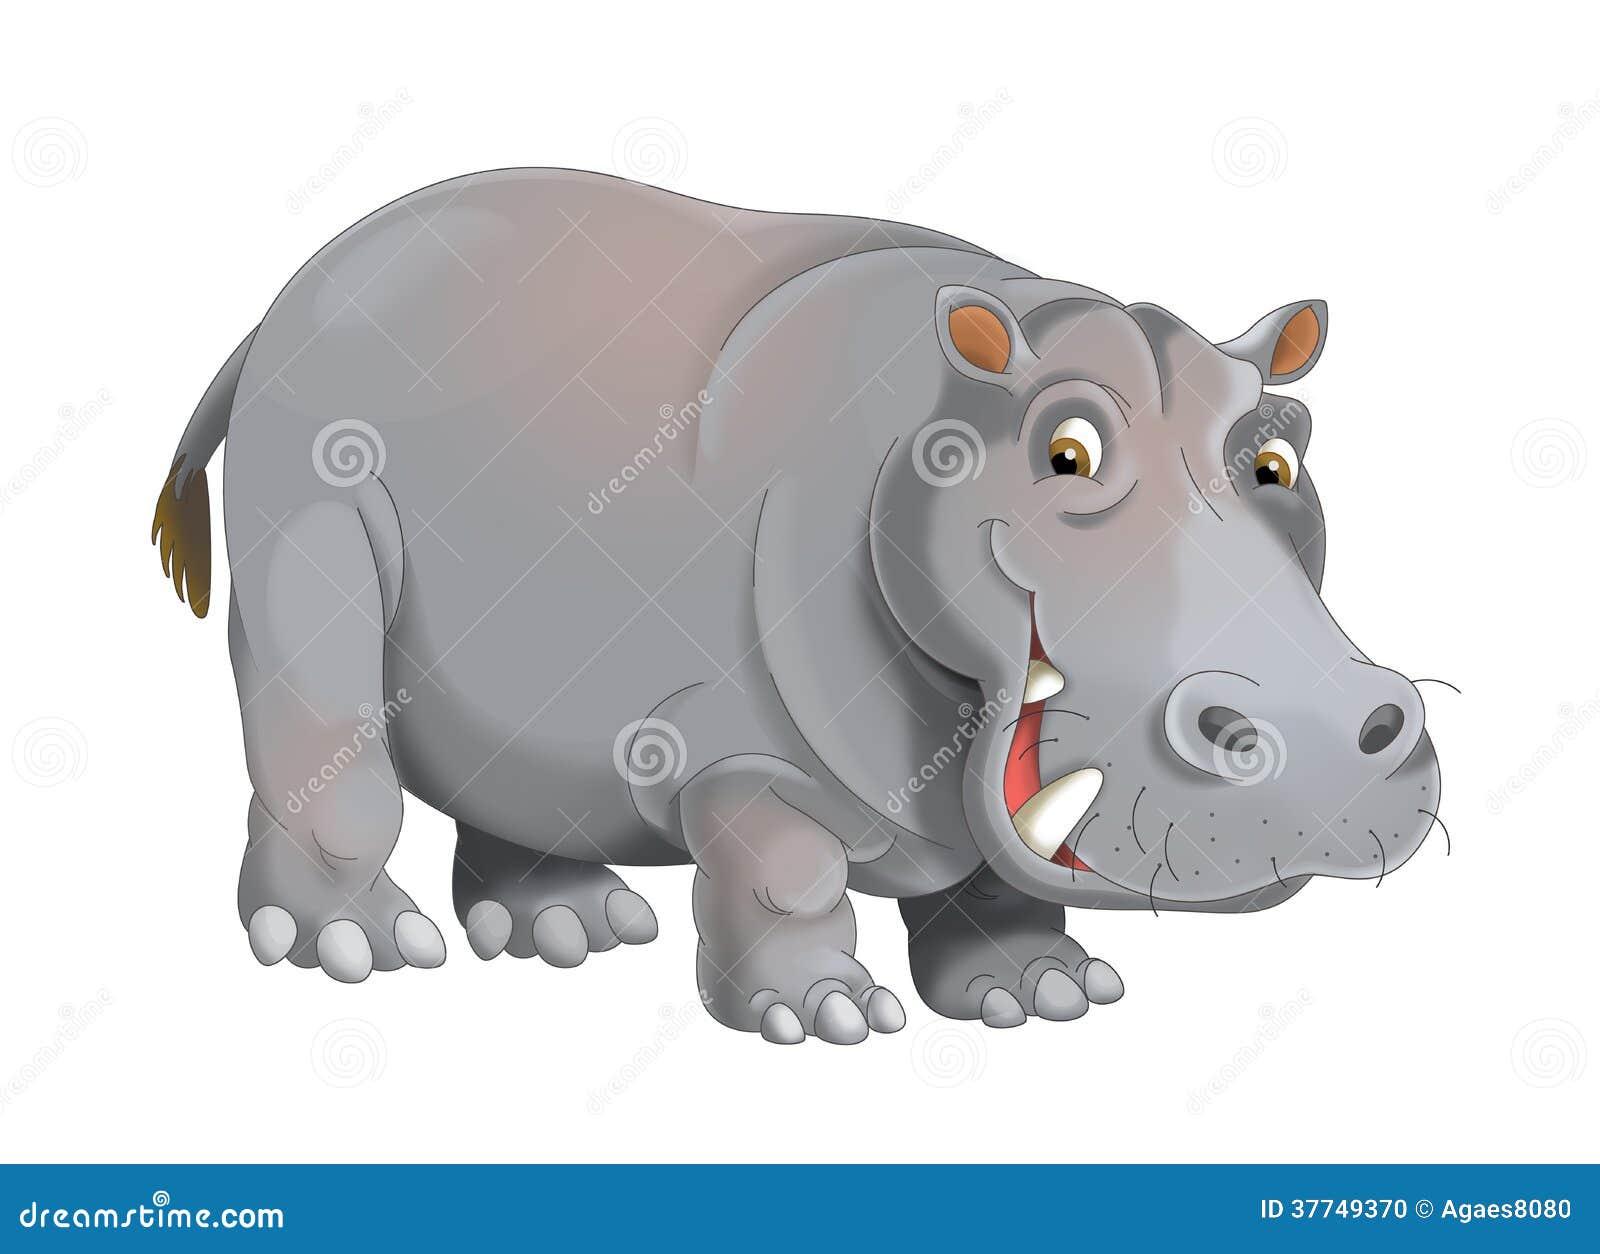 Животное шаржа - иллюстрация для детей